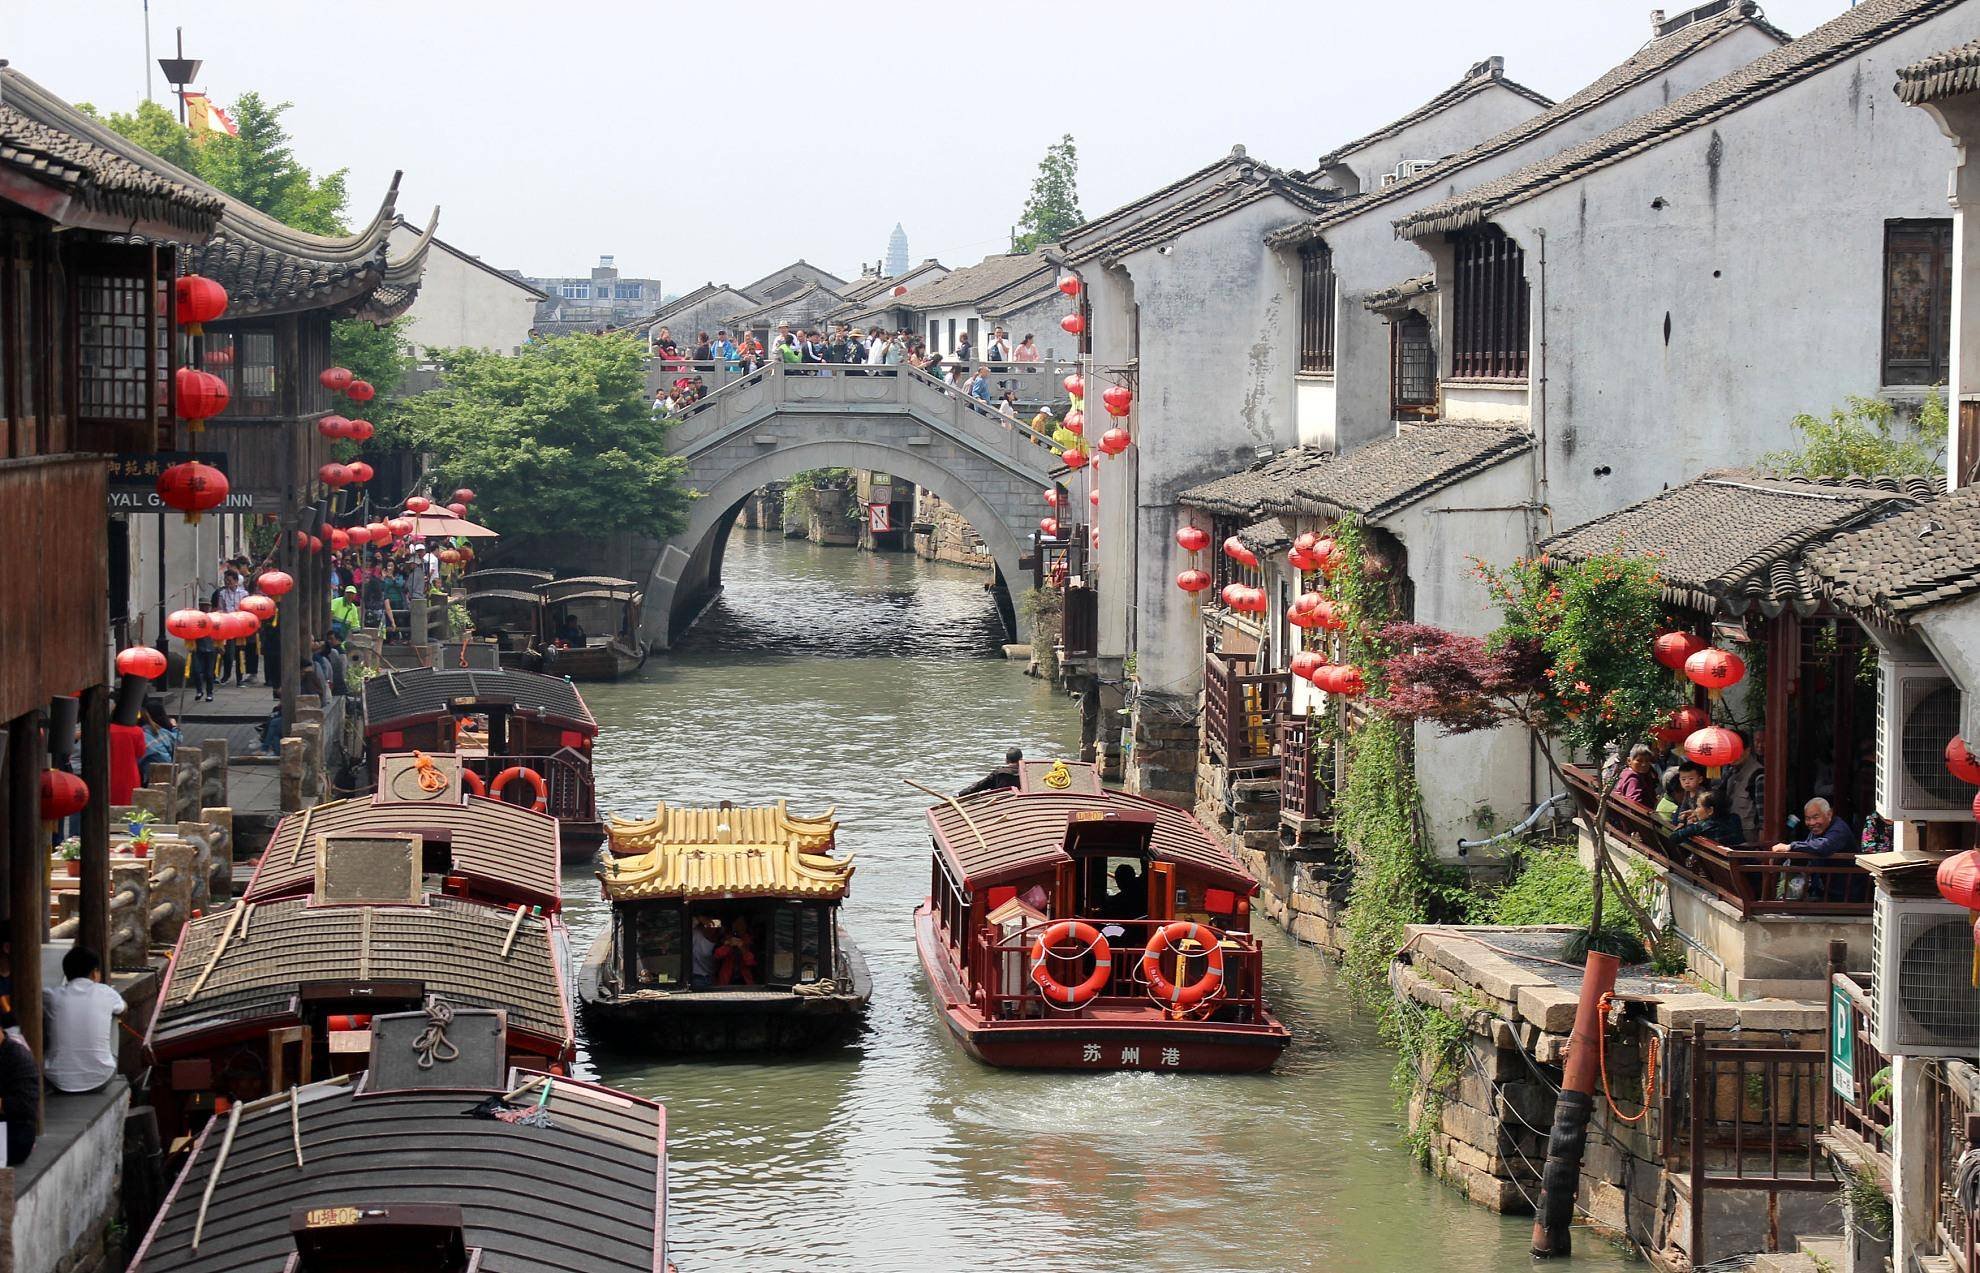 """国内拥有21084条河道的城市,被誉为""""东方威尼斯"""",就在江苏"""